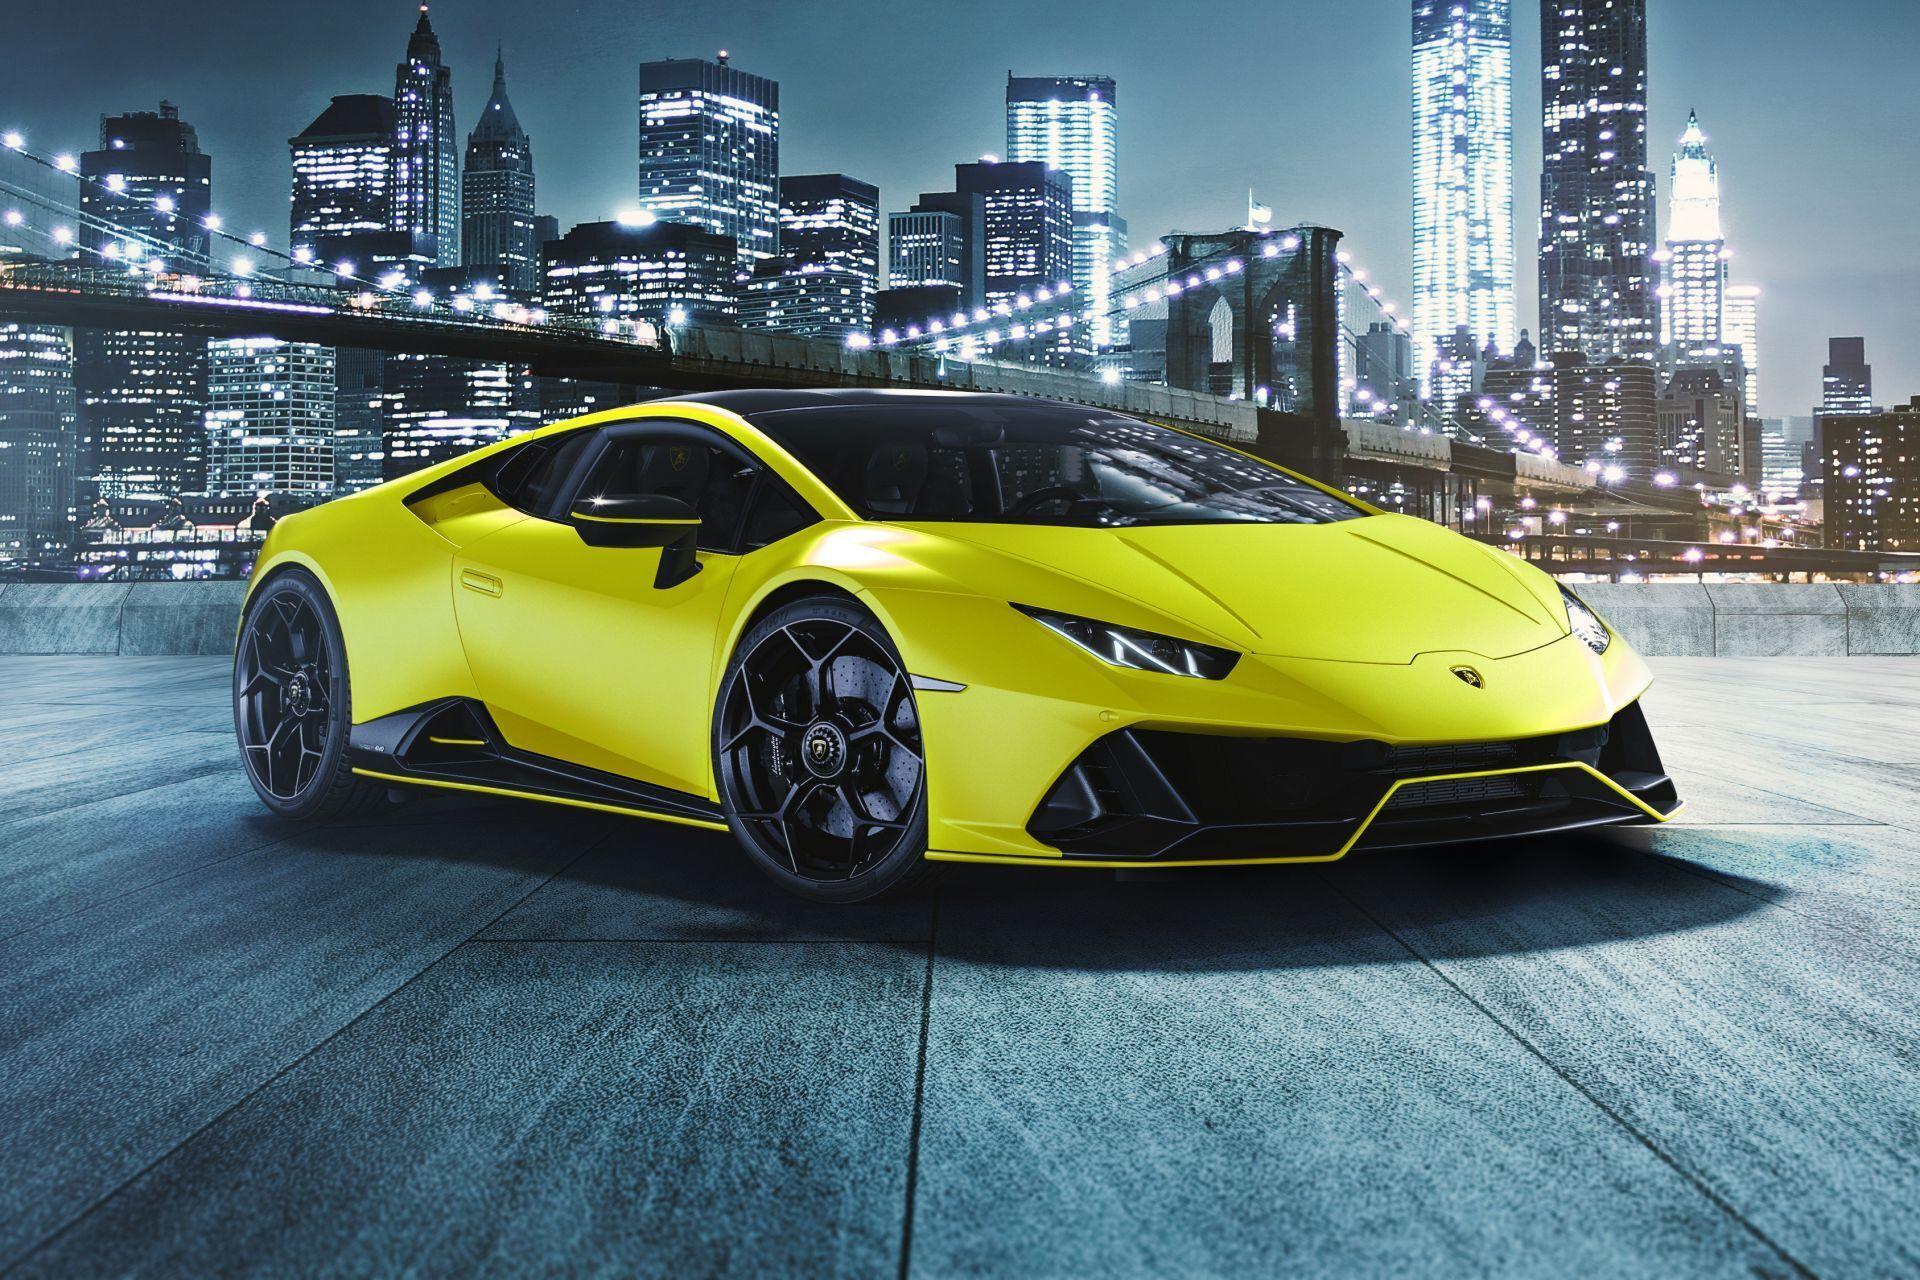 2021 Lamborghini Huracan Evo Fluo Capsule в кольорі Giallo Clarus